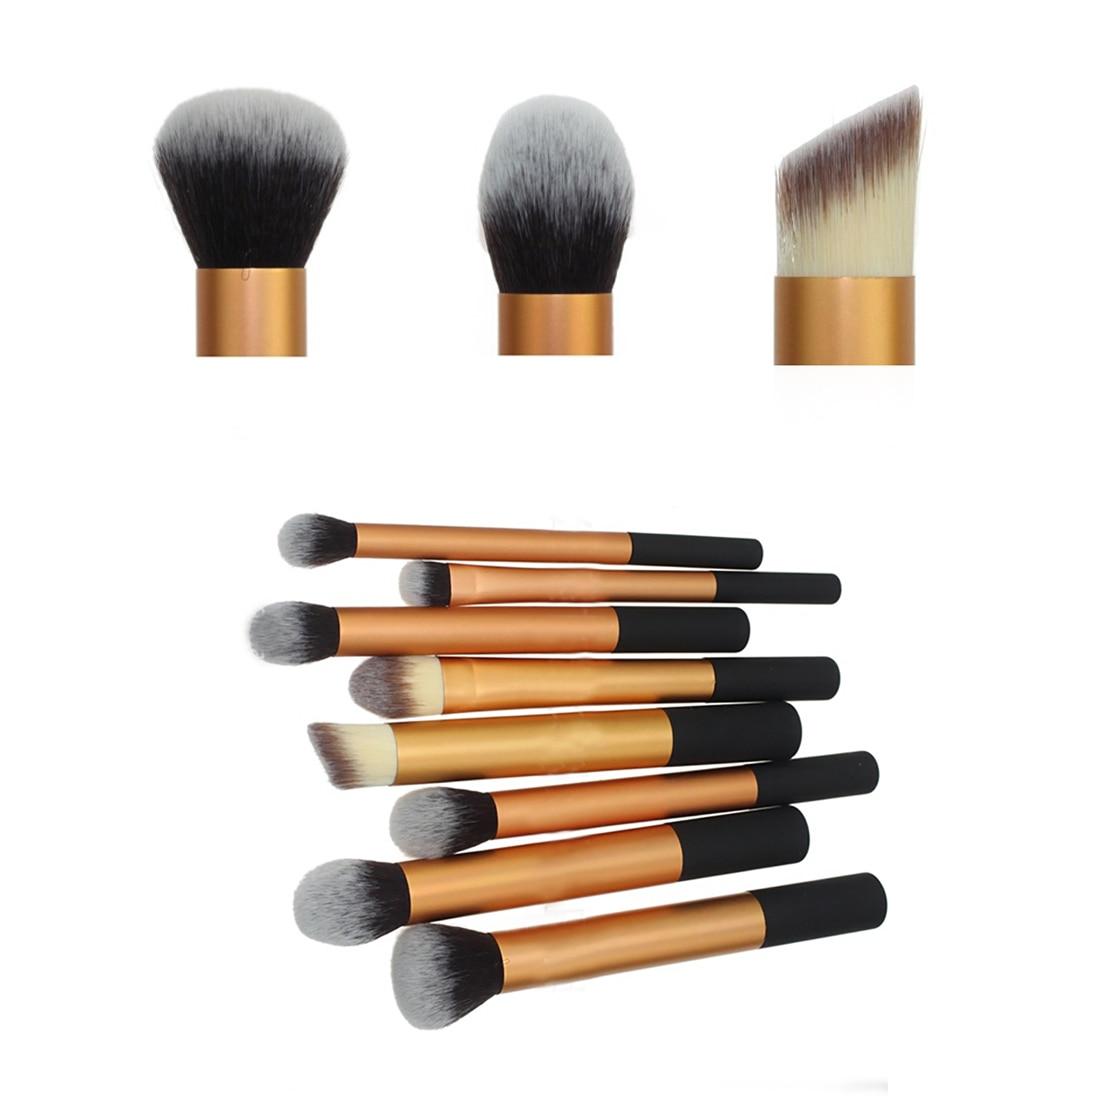 2016 hot sale makeup brush set 8Pcs Aluminum Handle Makeup Eyeshadow Foundation Brush Set Concealer Cosmetic Pro Kabuki Blush